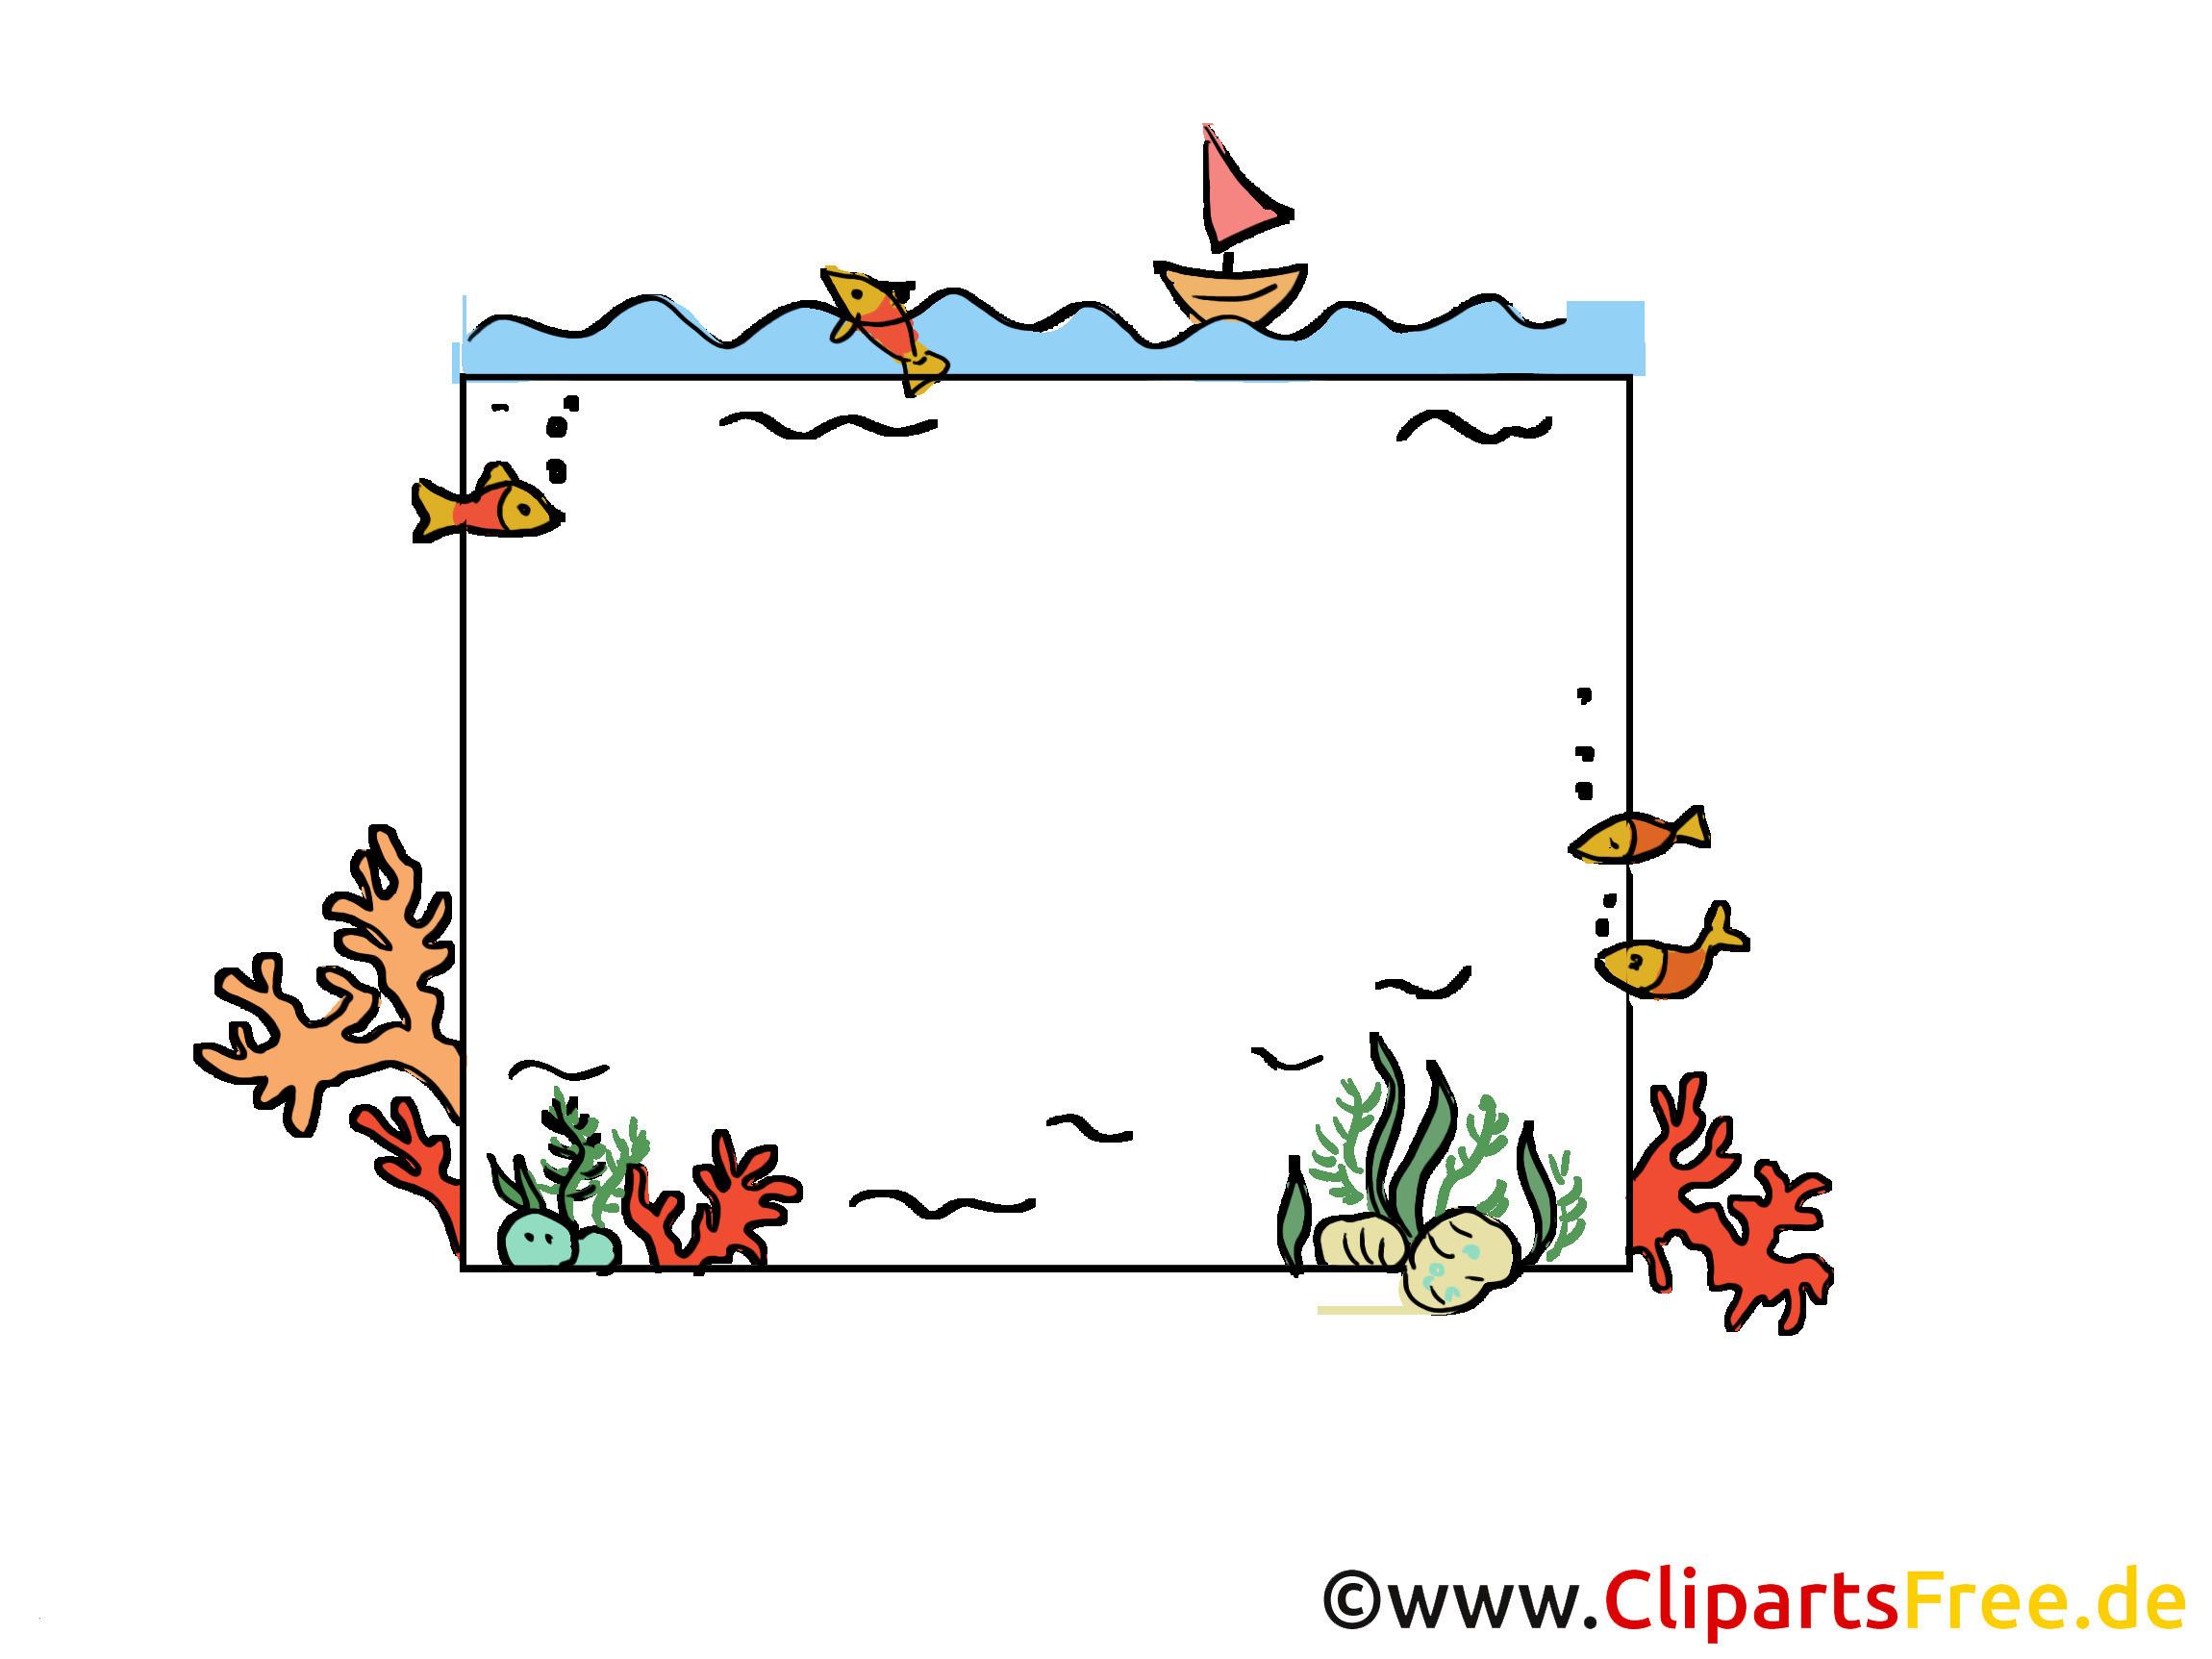 Sternschnuppe Vorlage Zum Ausdrucken Das Beste Von Malvorlagen Weihnachten Sternschnuppe Genial Rahmen Vorlage Mit Meer Stock